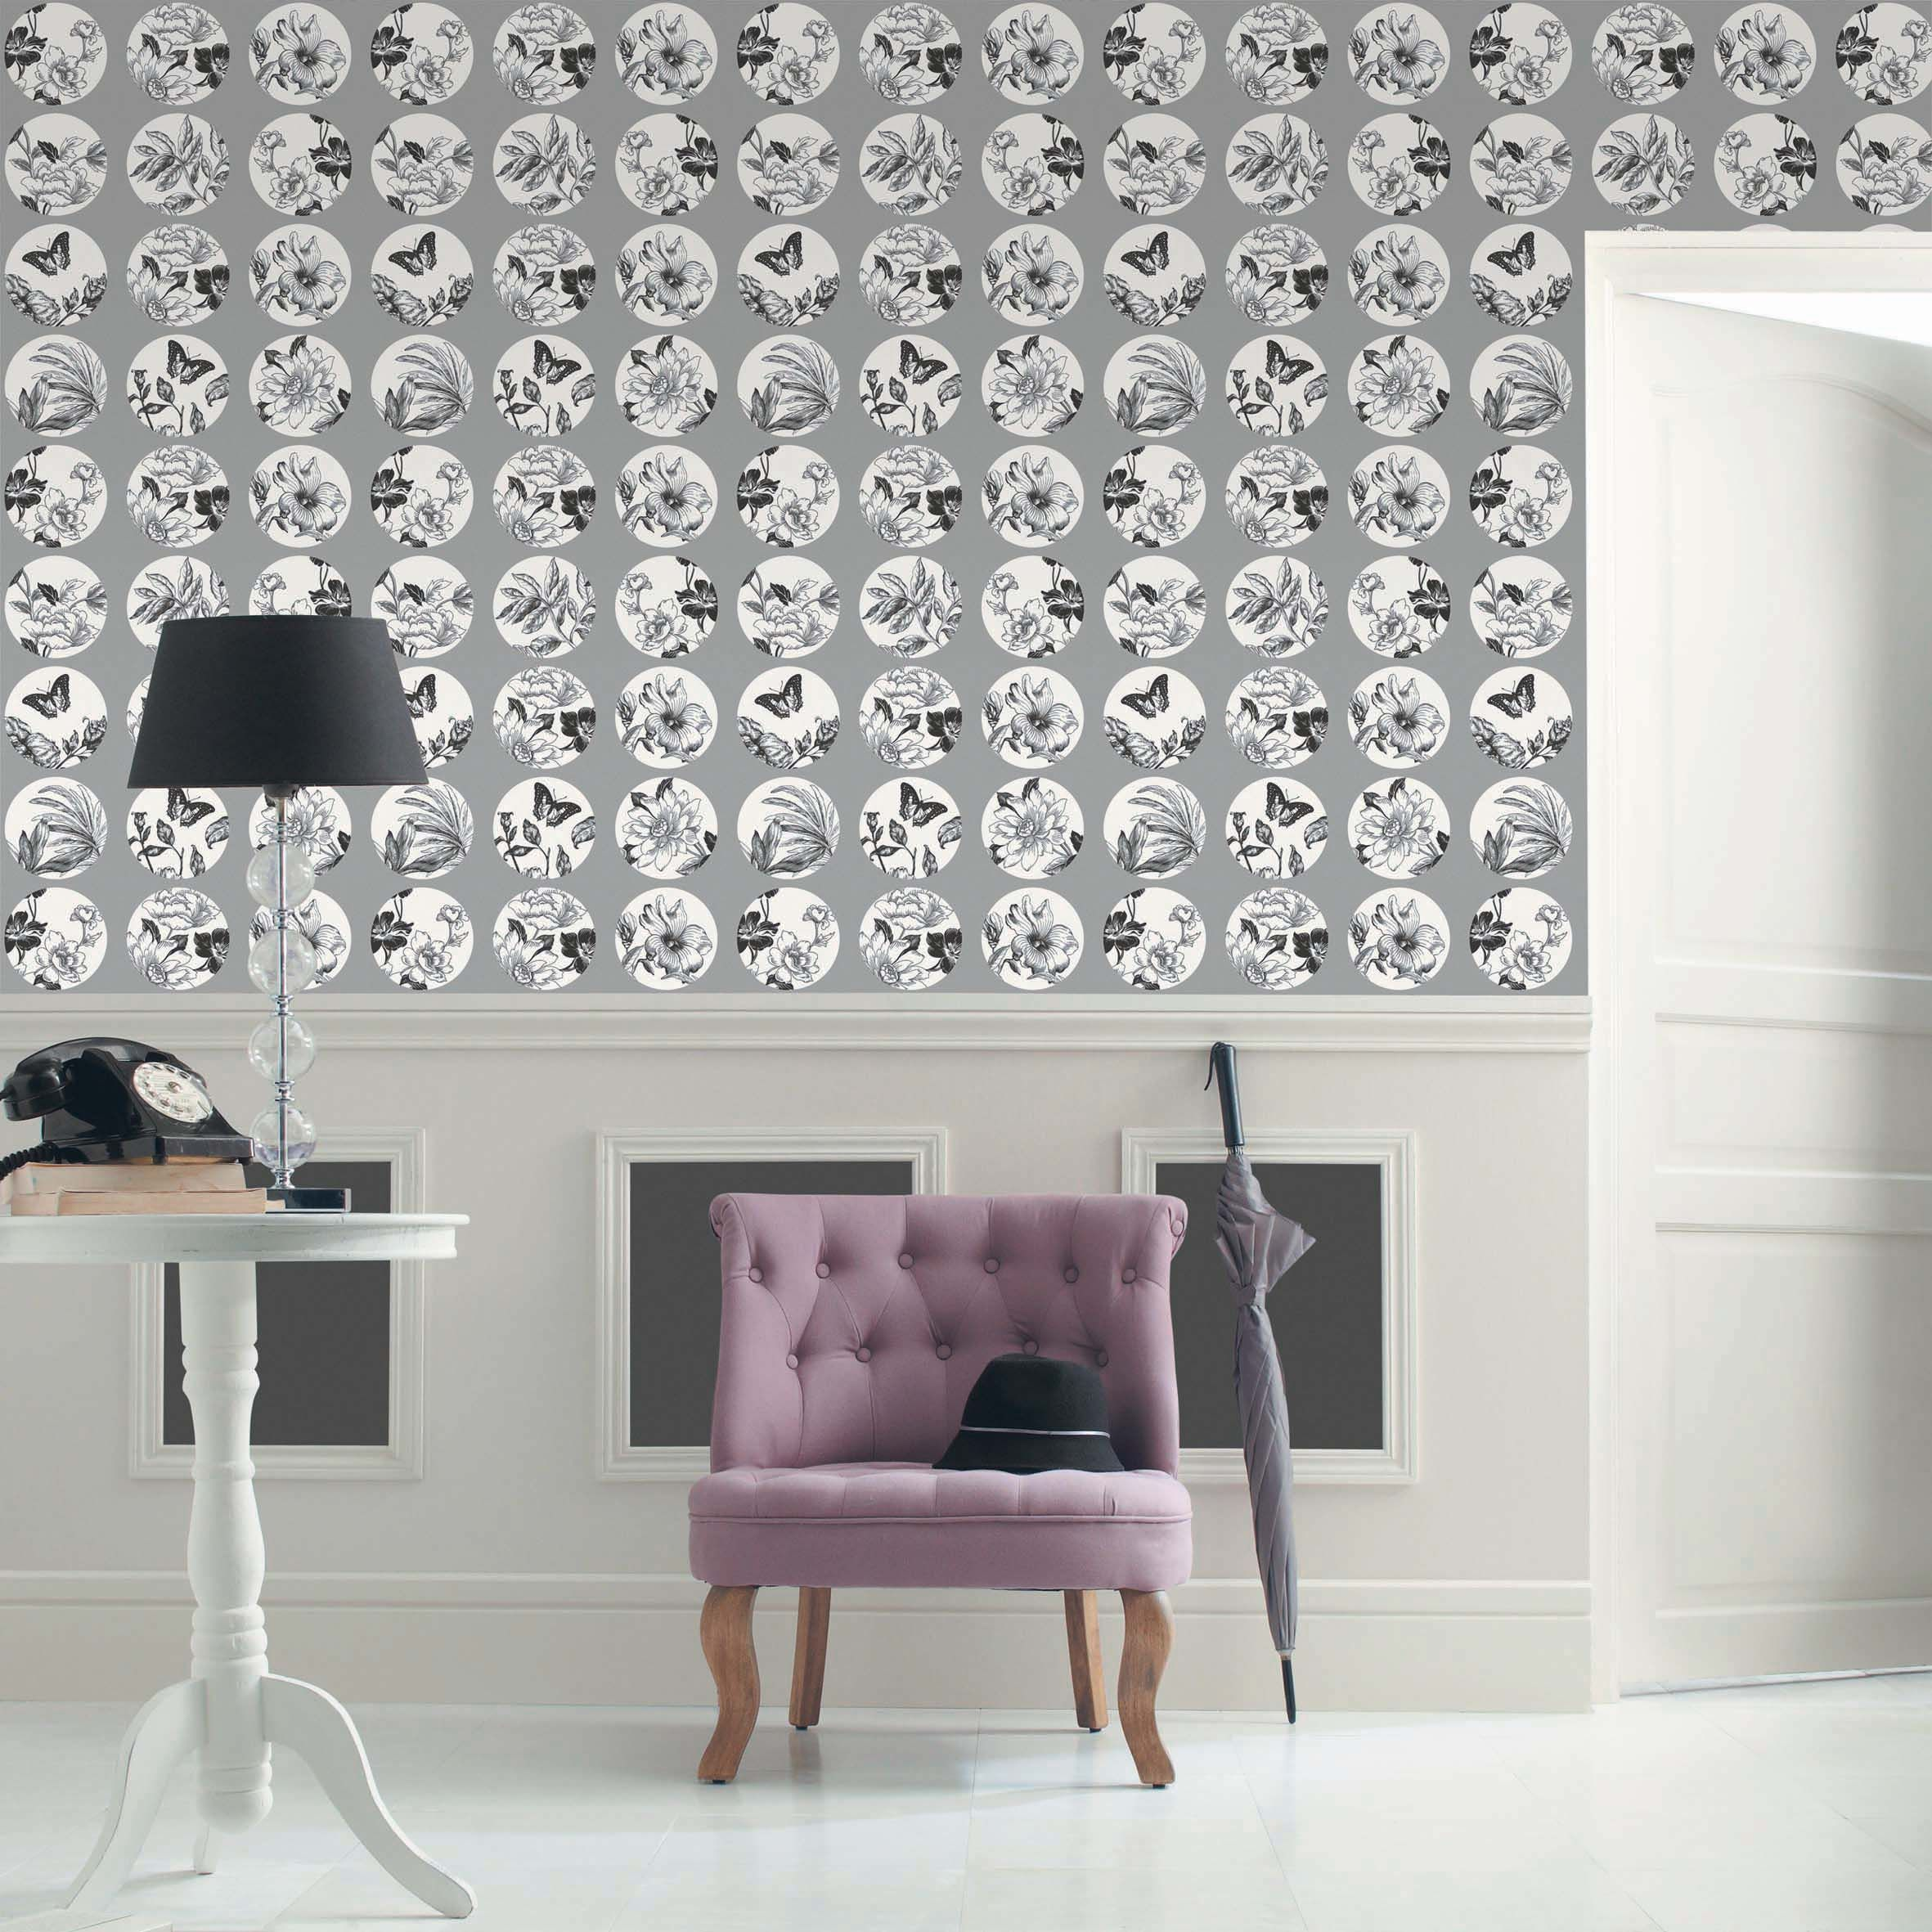 Collection : B&W Papillons #papierpeint  #decoration #interieur #noir #blanc #blackandwhite #noiretblanc #Caselio  http://www.caselio.fr